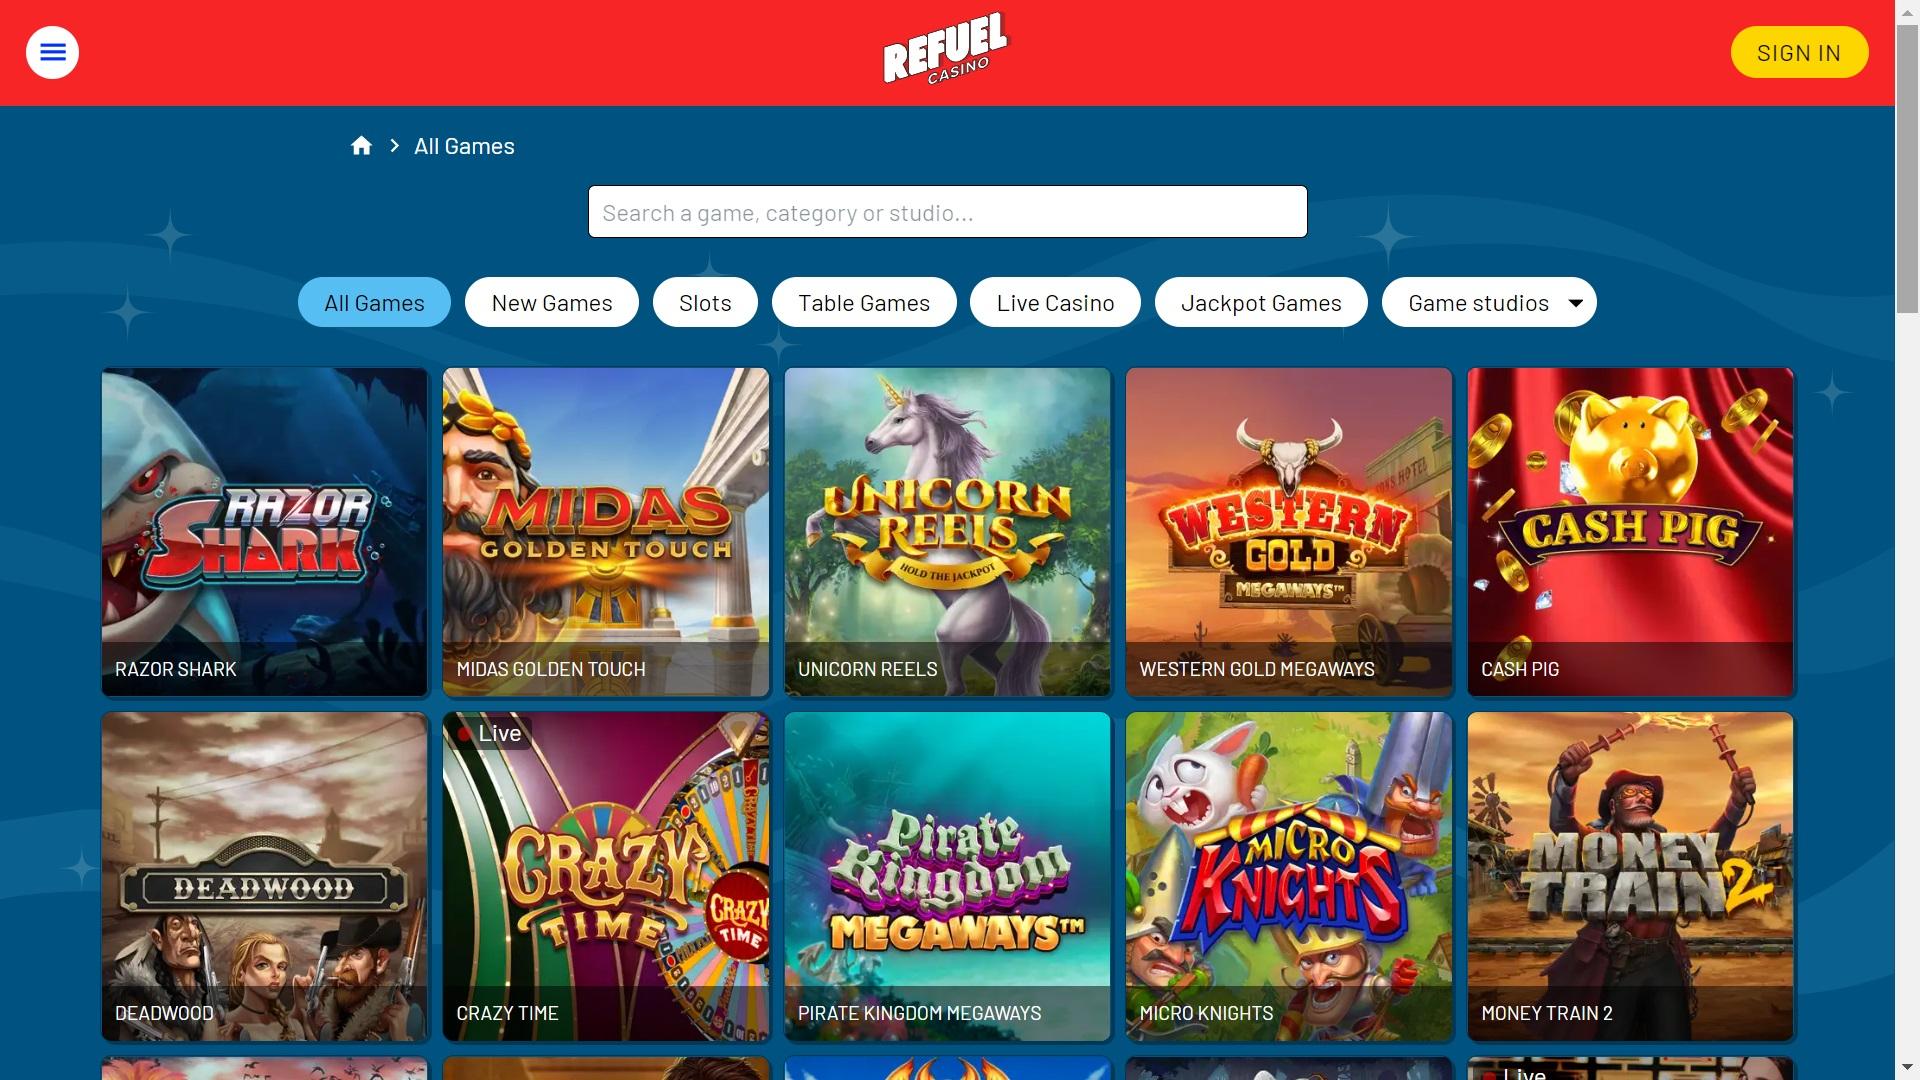 Refuel Casino - svensklicens.com